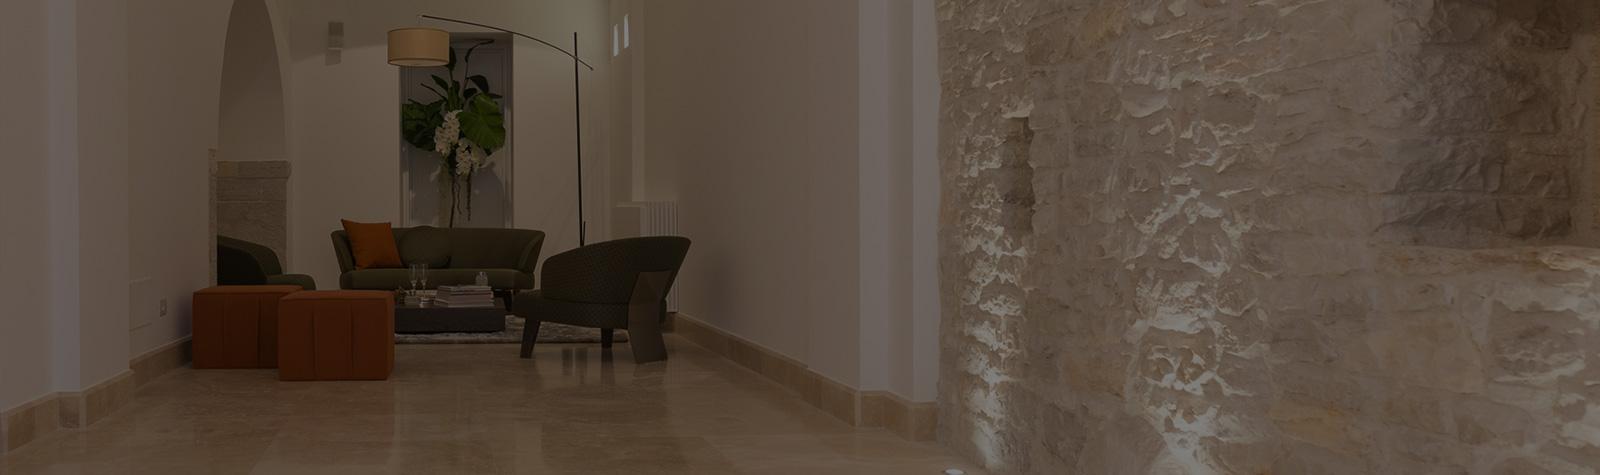 Palazzo Arnieci. L'Architettura.